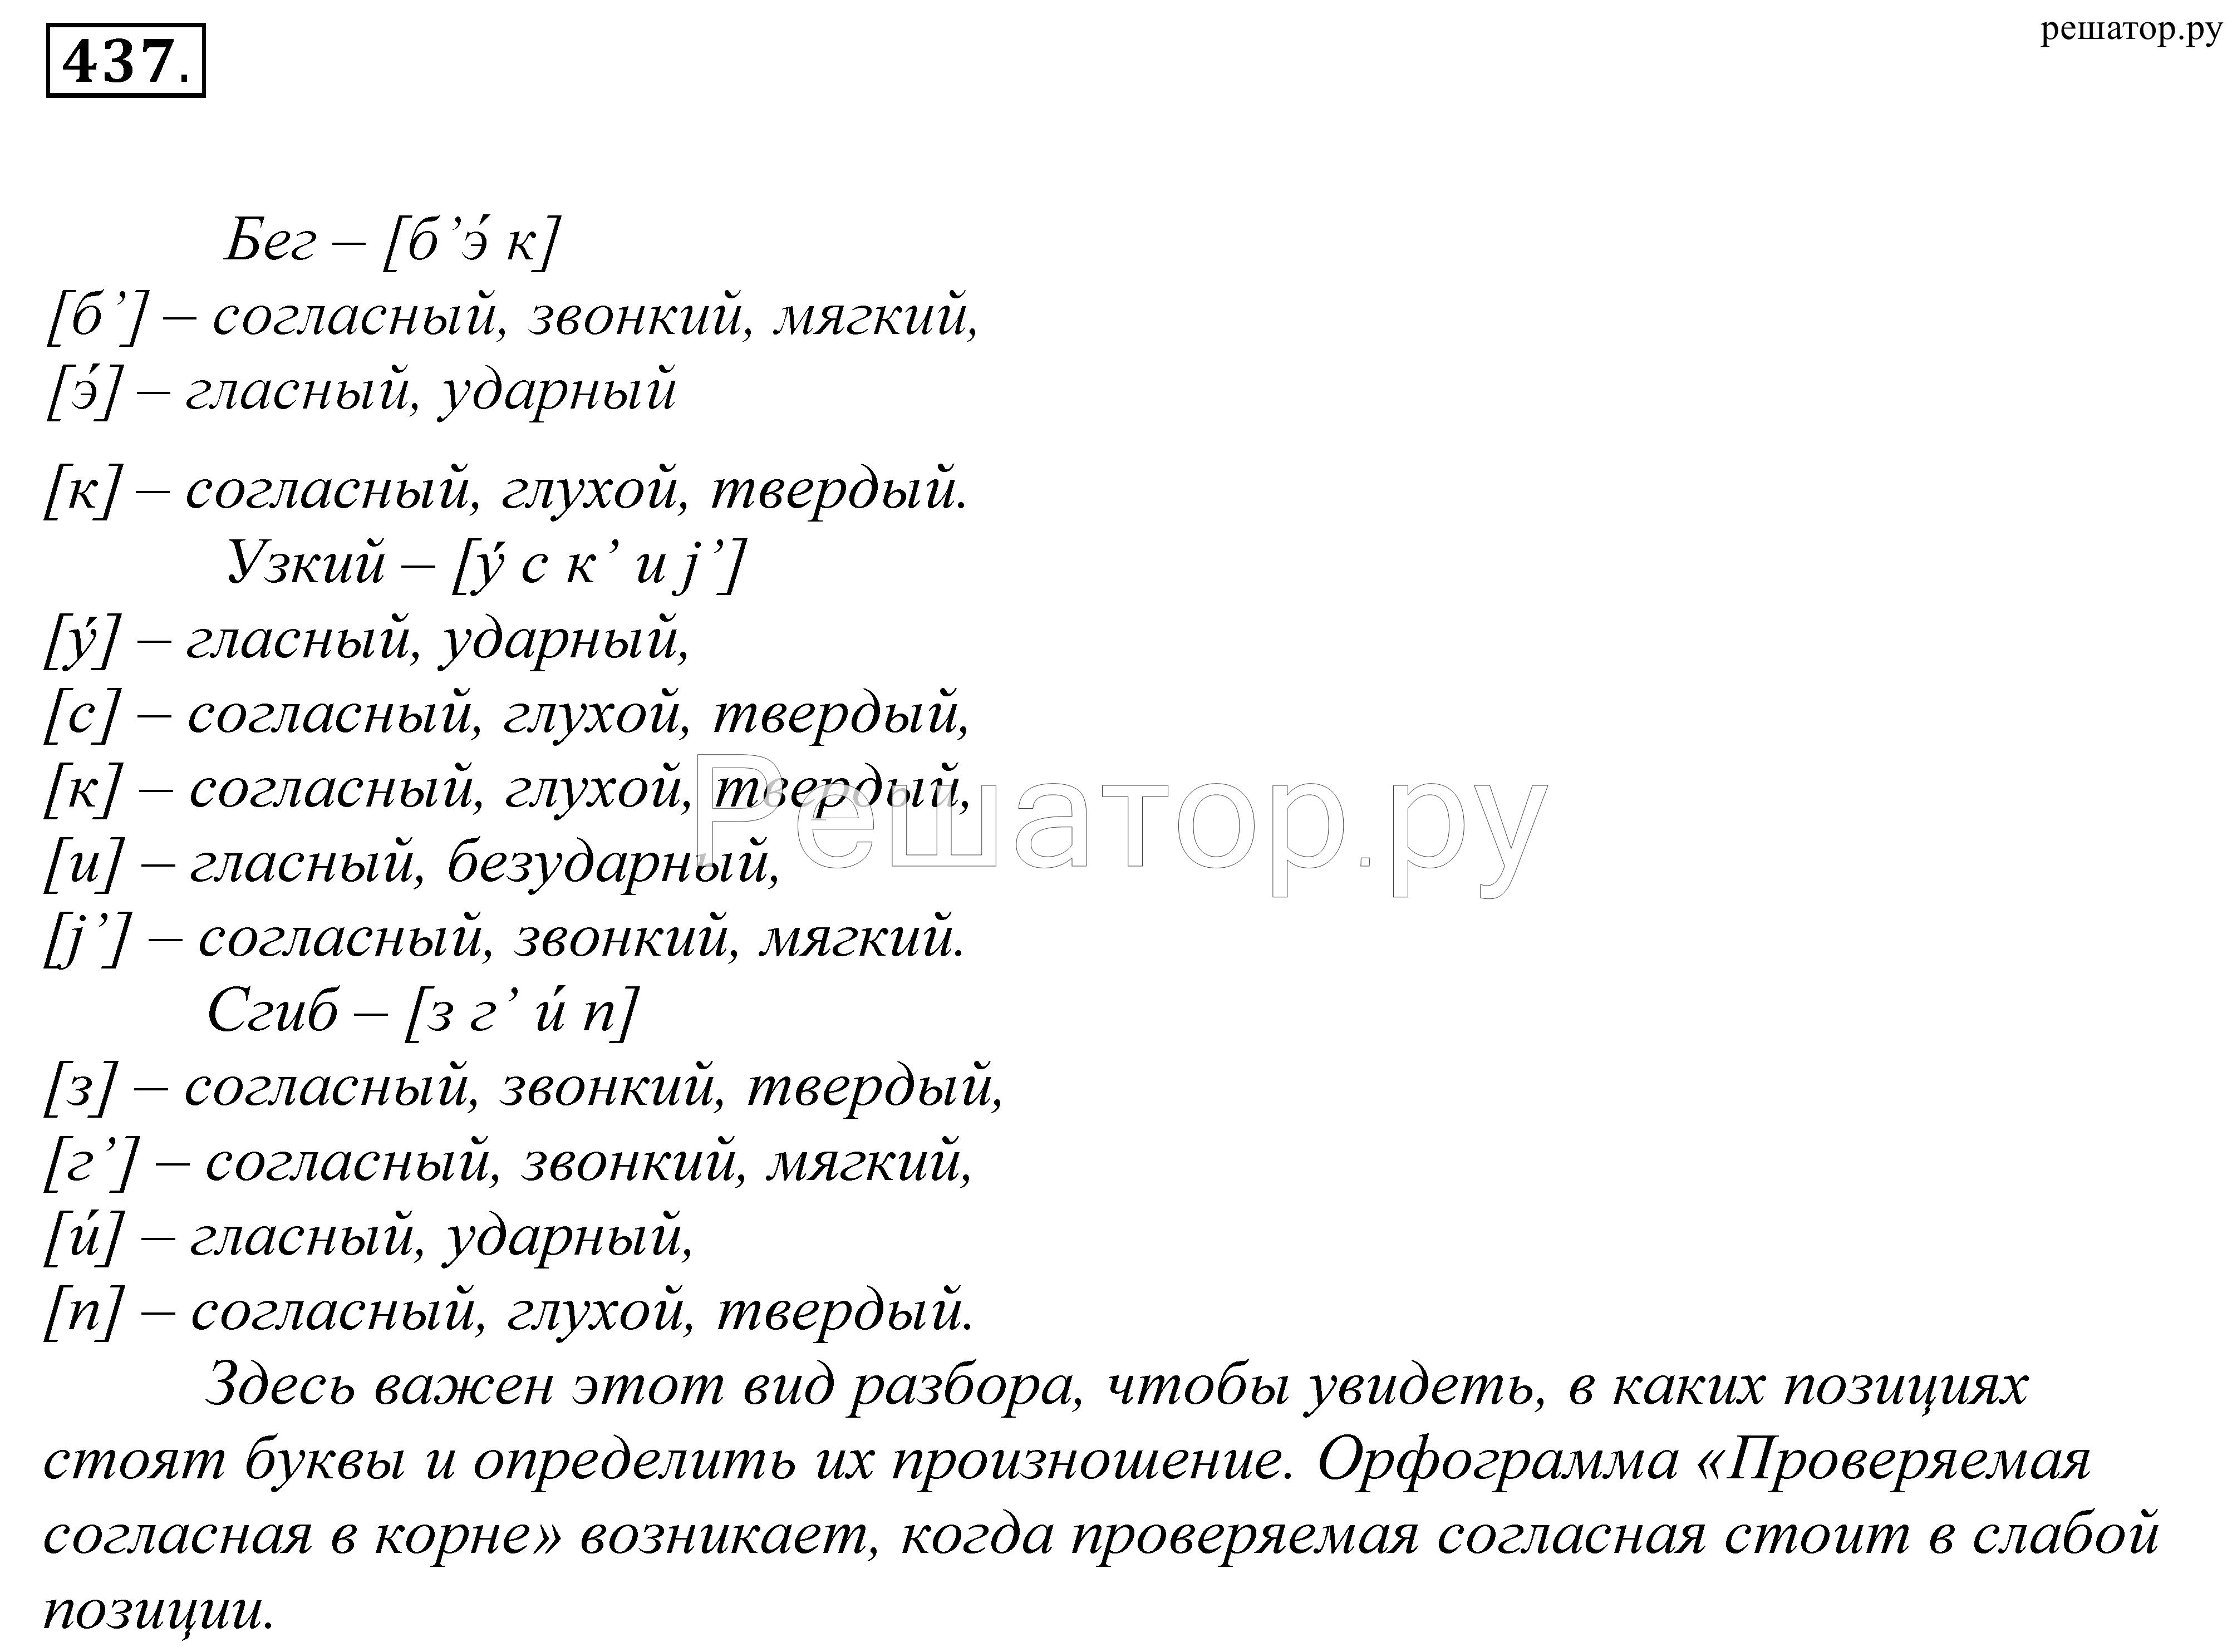 Сошьём фонетический (звуко-буквенный) разбор слова 8